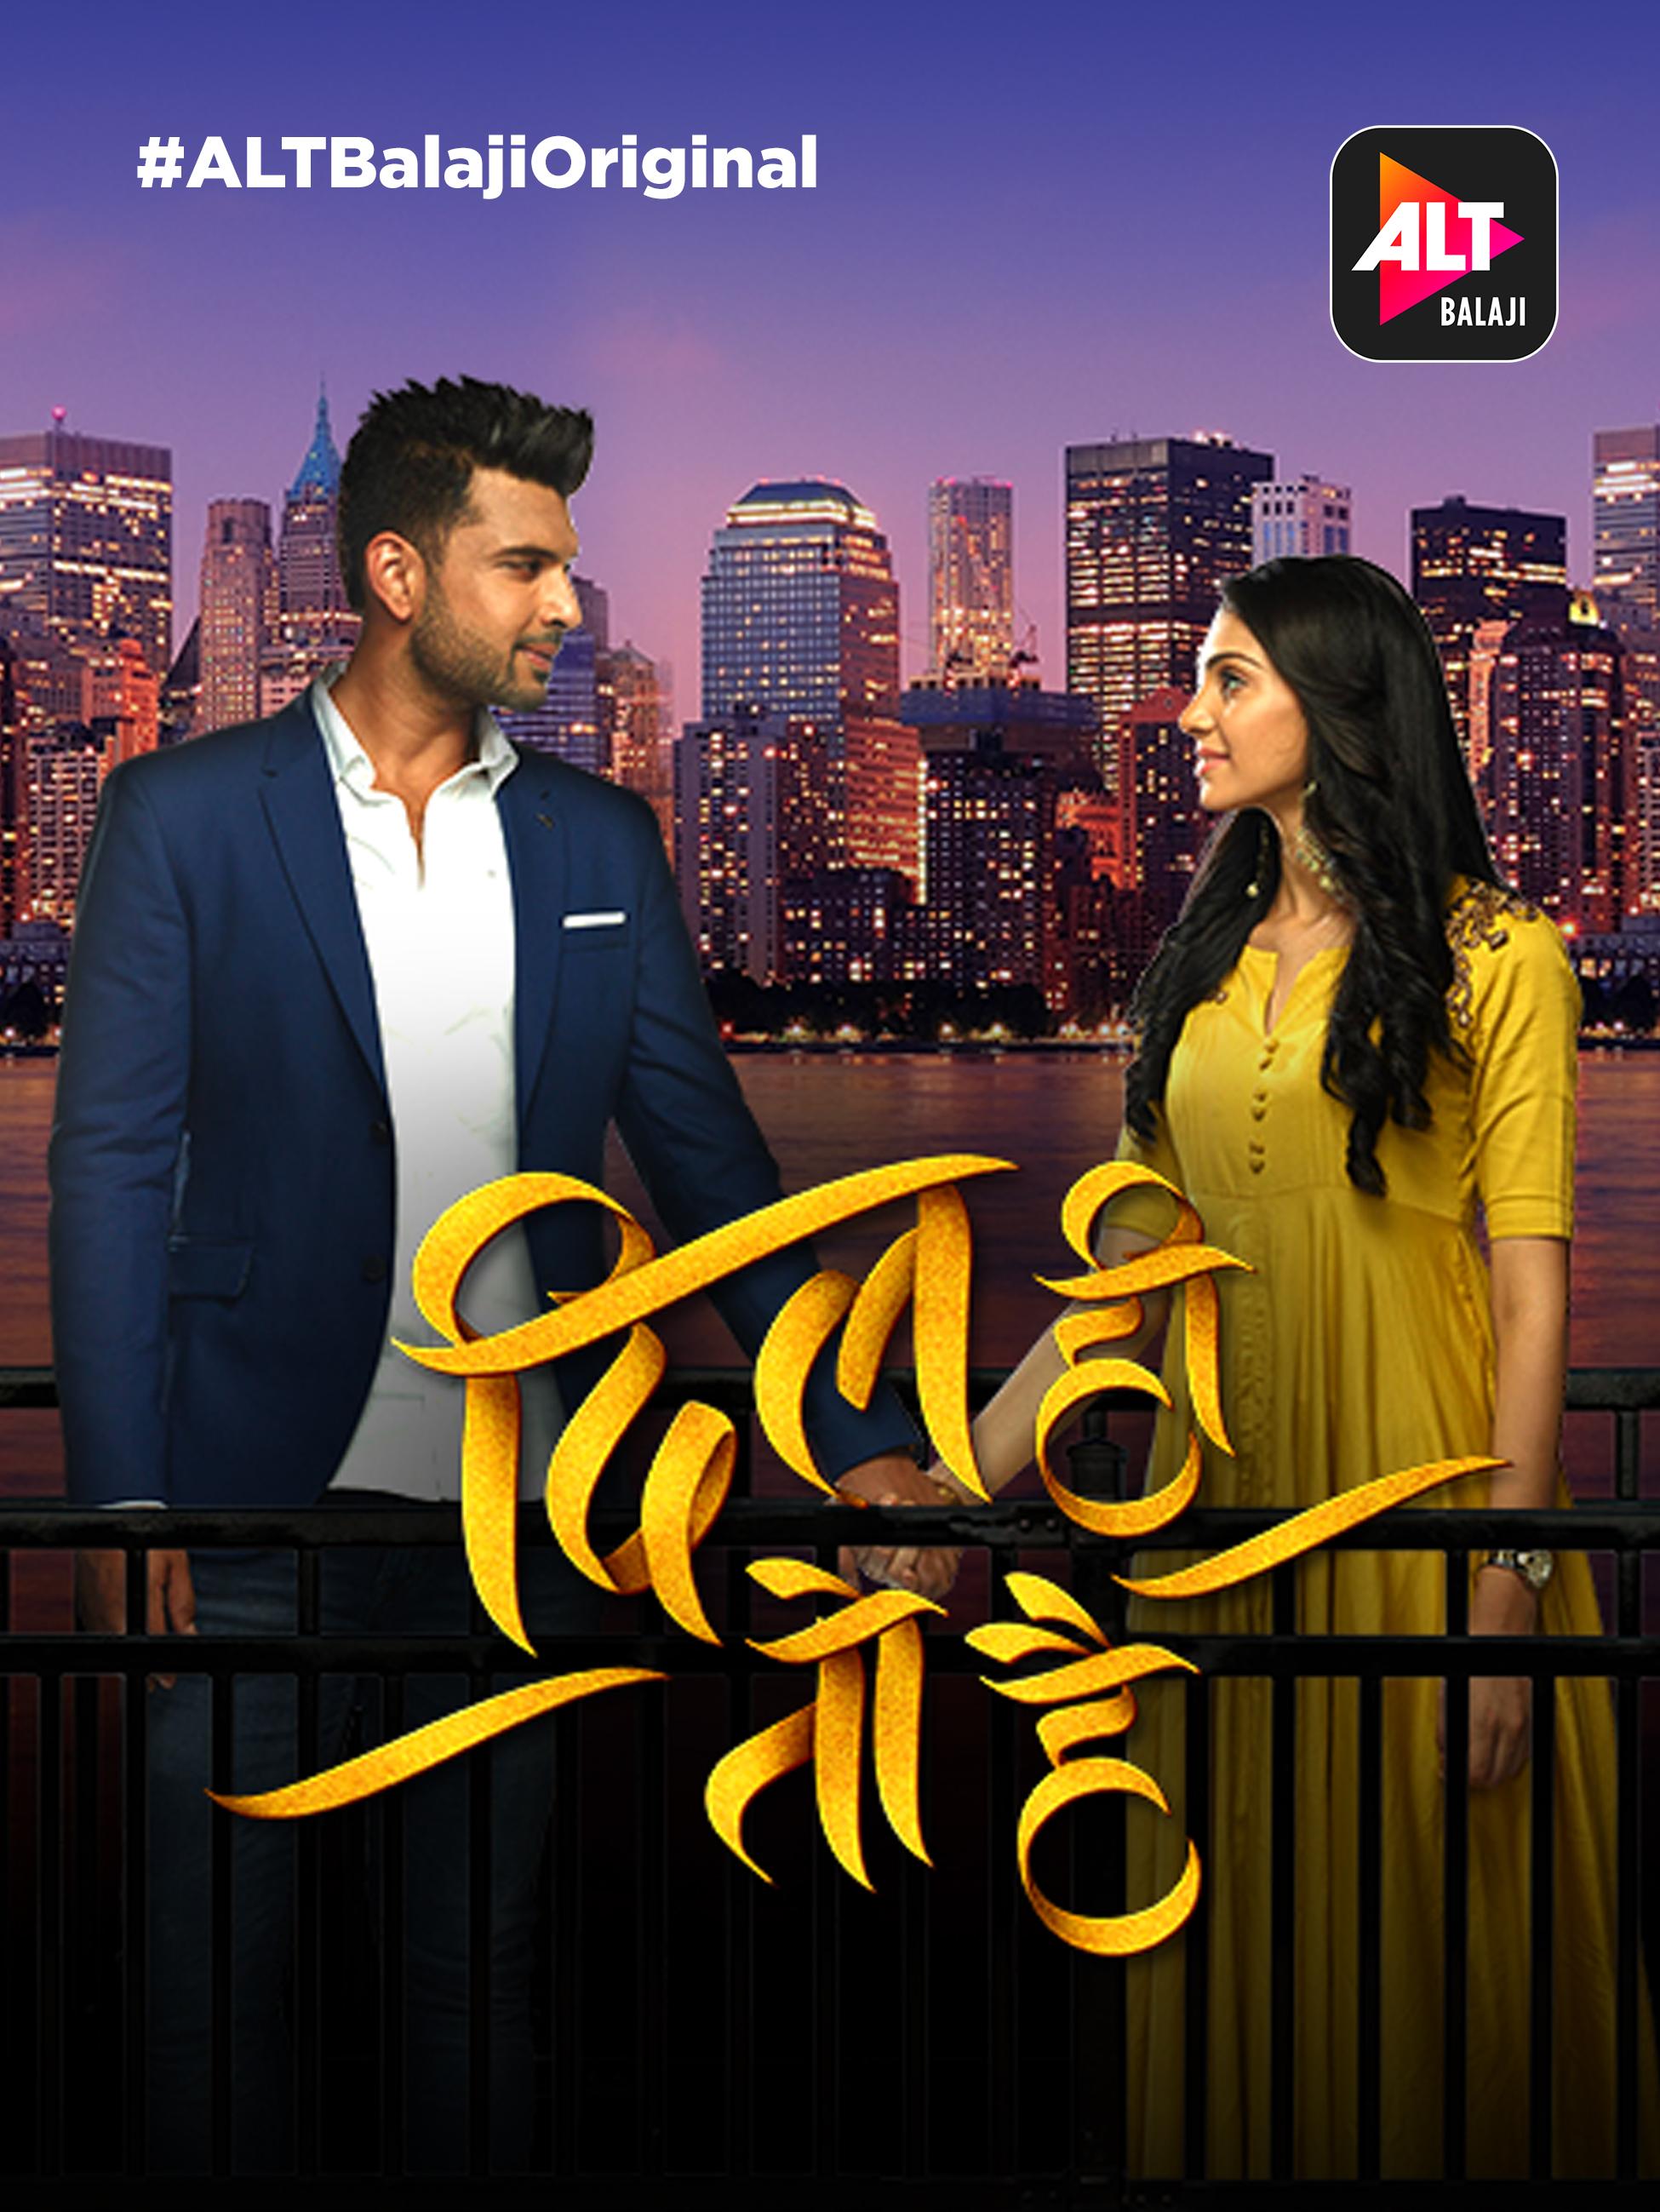 შენ ჩემი გული ხარ ინდური სერიალი (ქართულად) / Dil Hi Toh Hai / shen chemi guli xar induri seriali (qartulad)